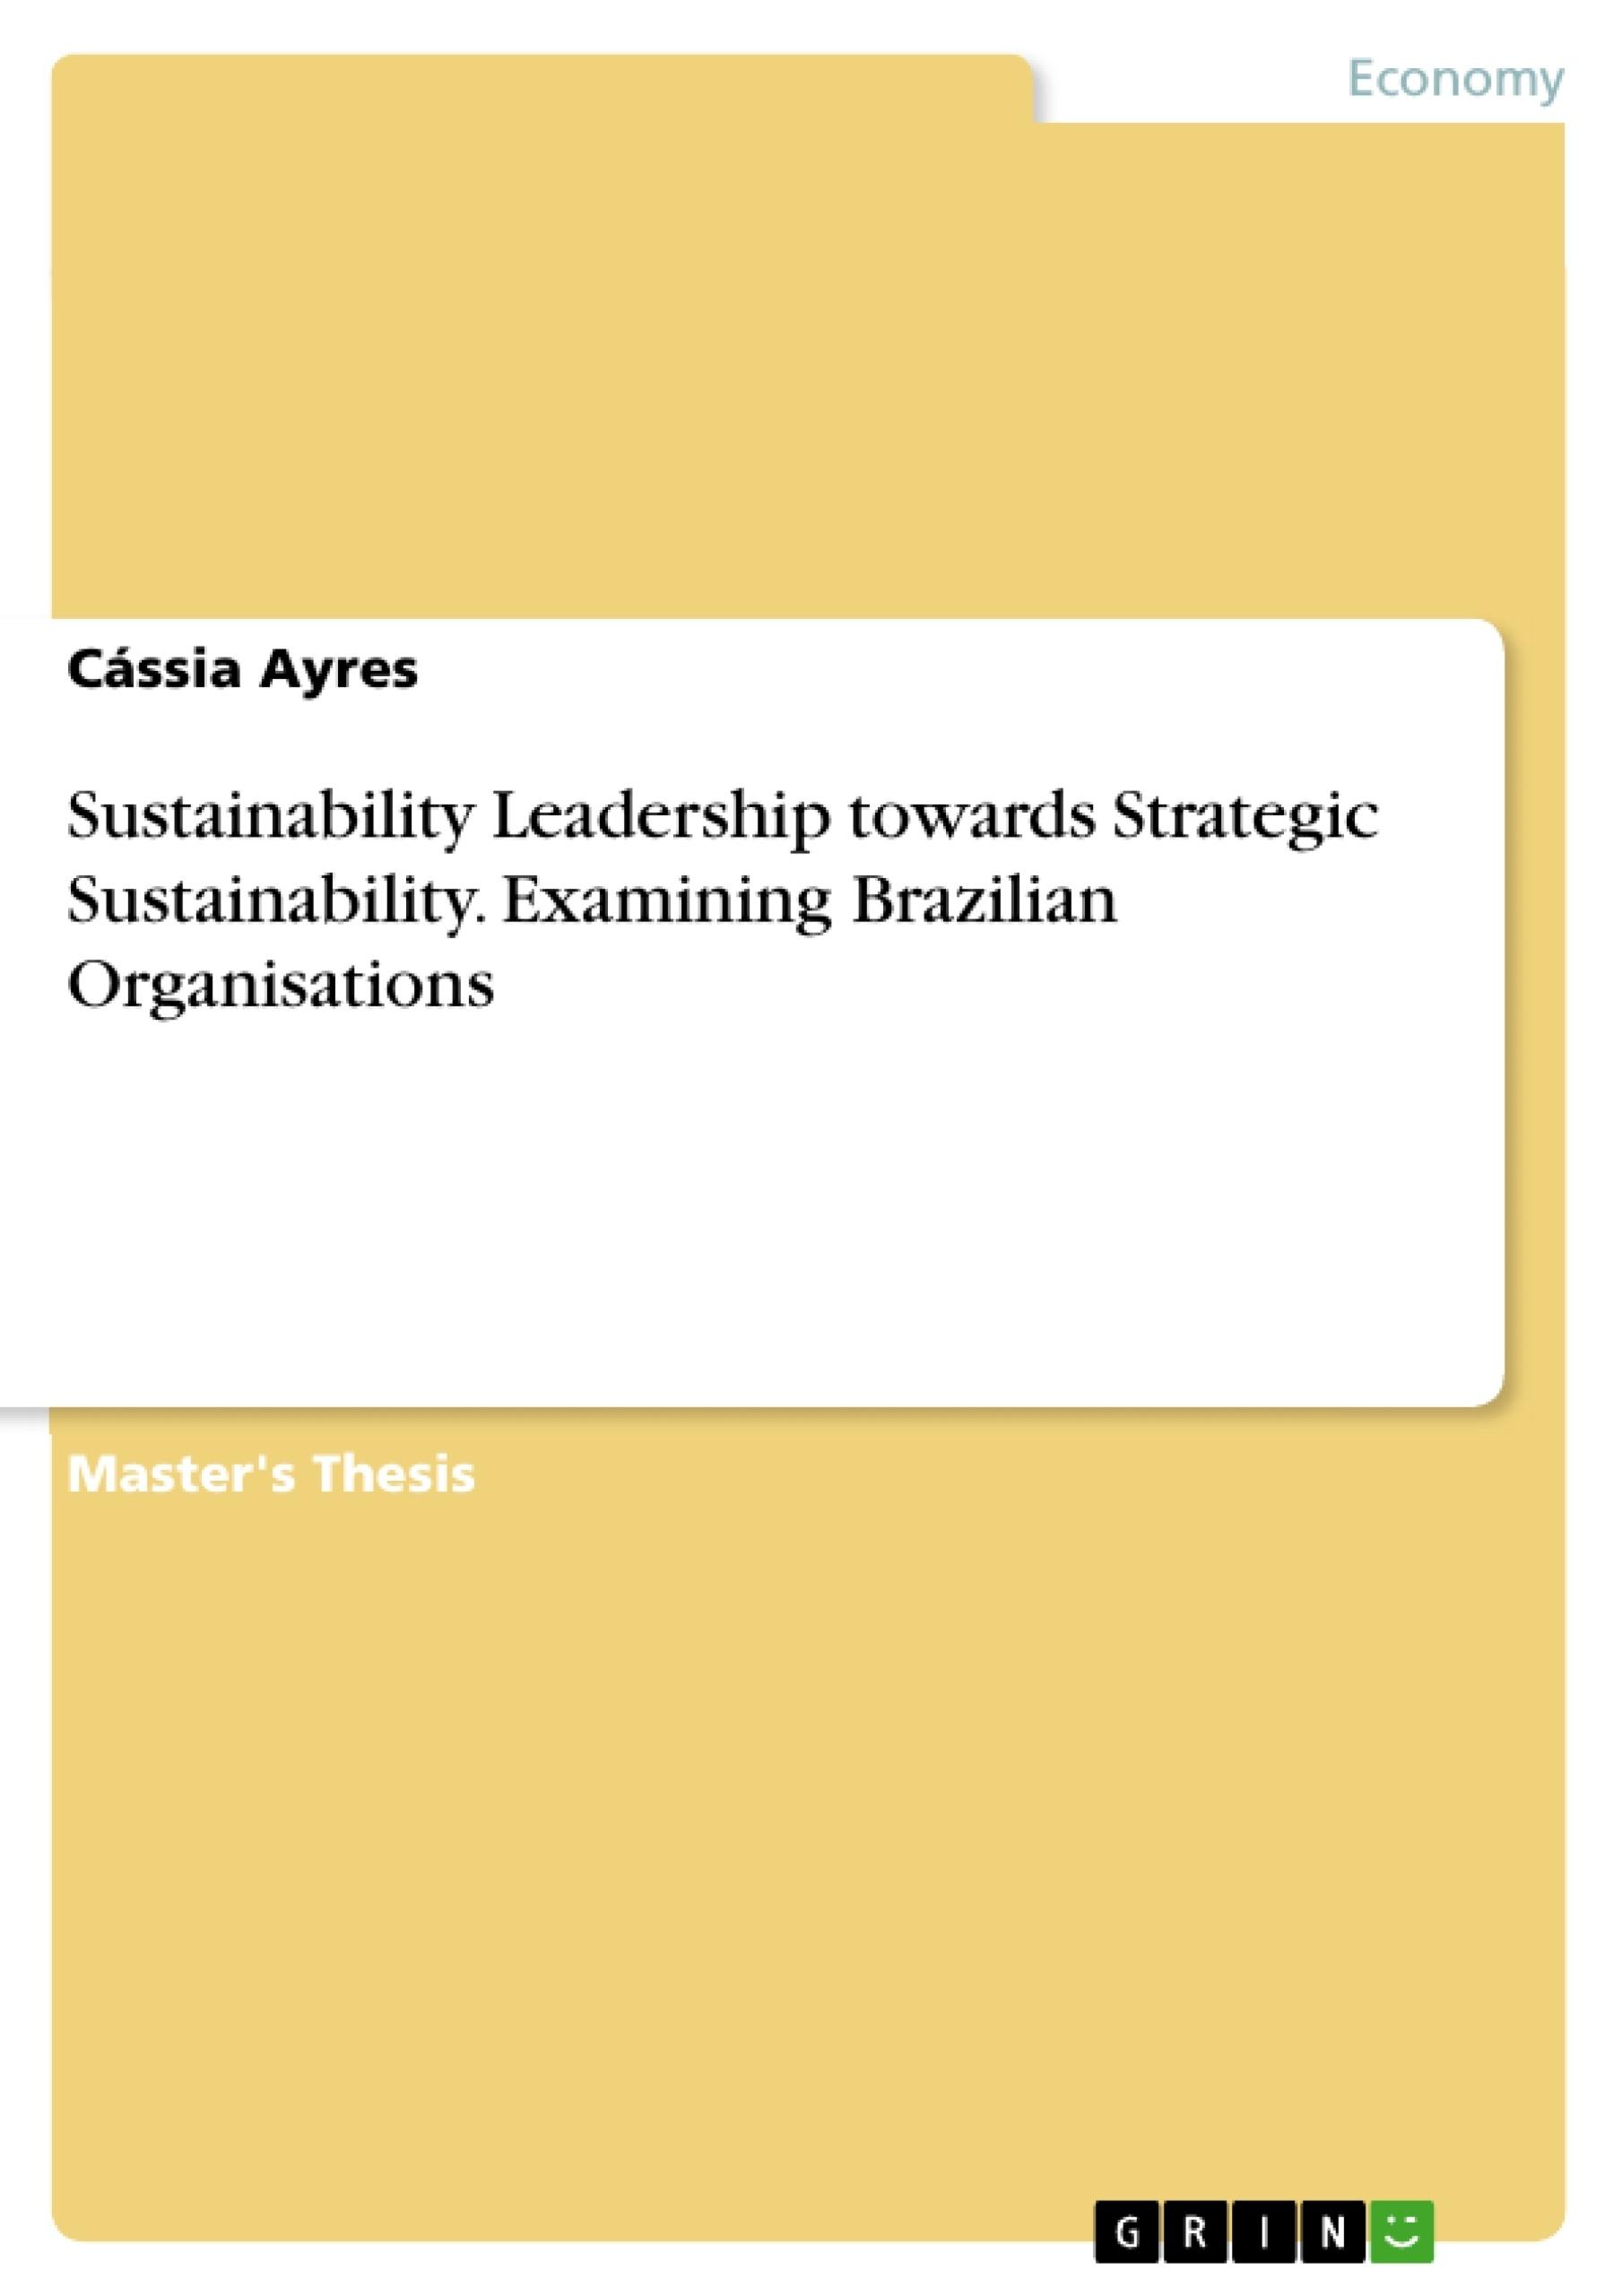 Title: Sustainability Leadership towards Strategic Sustainability. Examining Brazilian Organisations